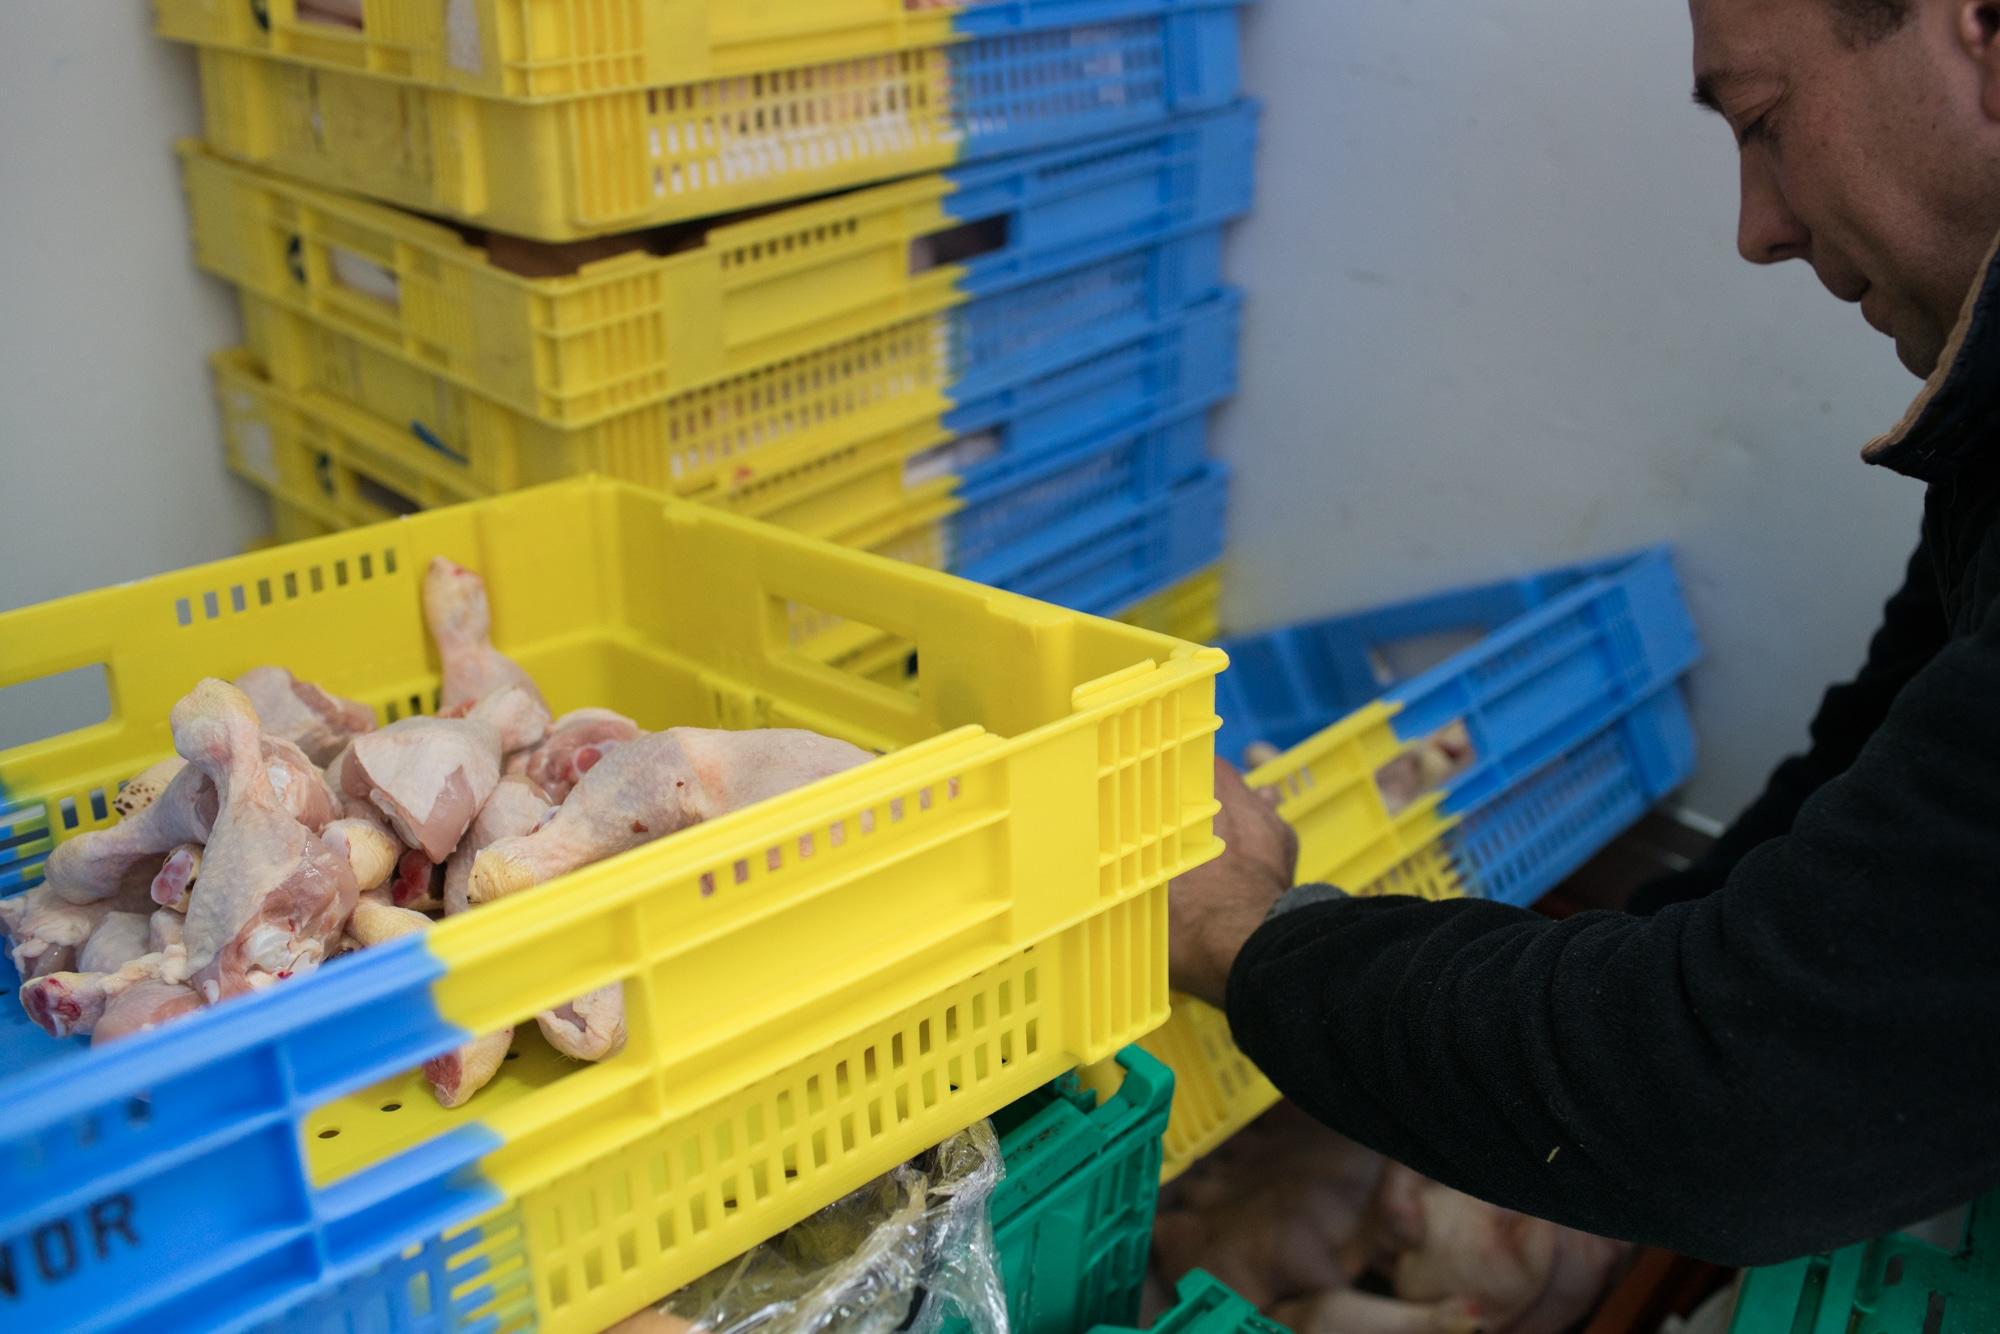 Alain empile des caisses contenant de la volaille.